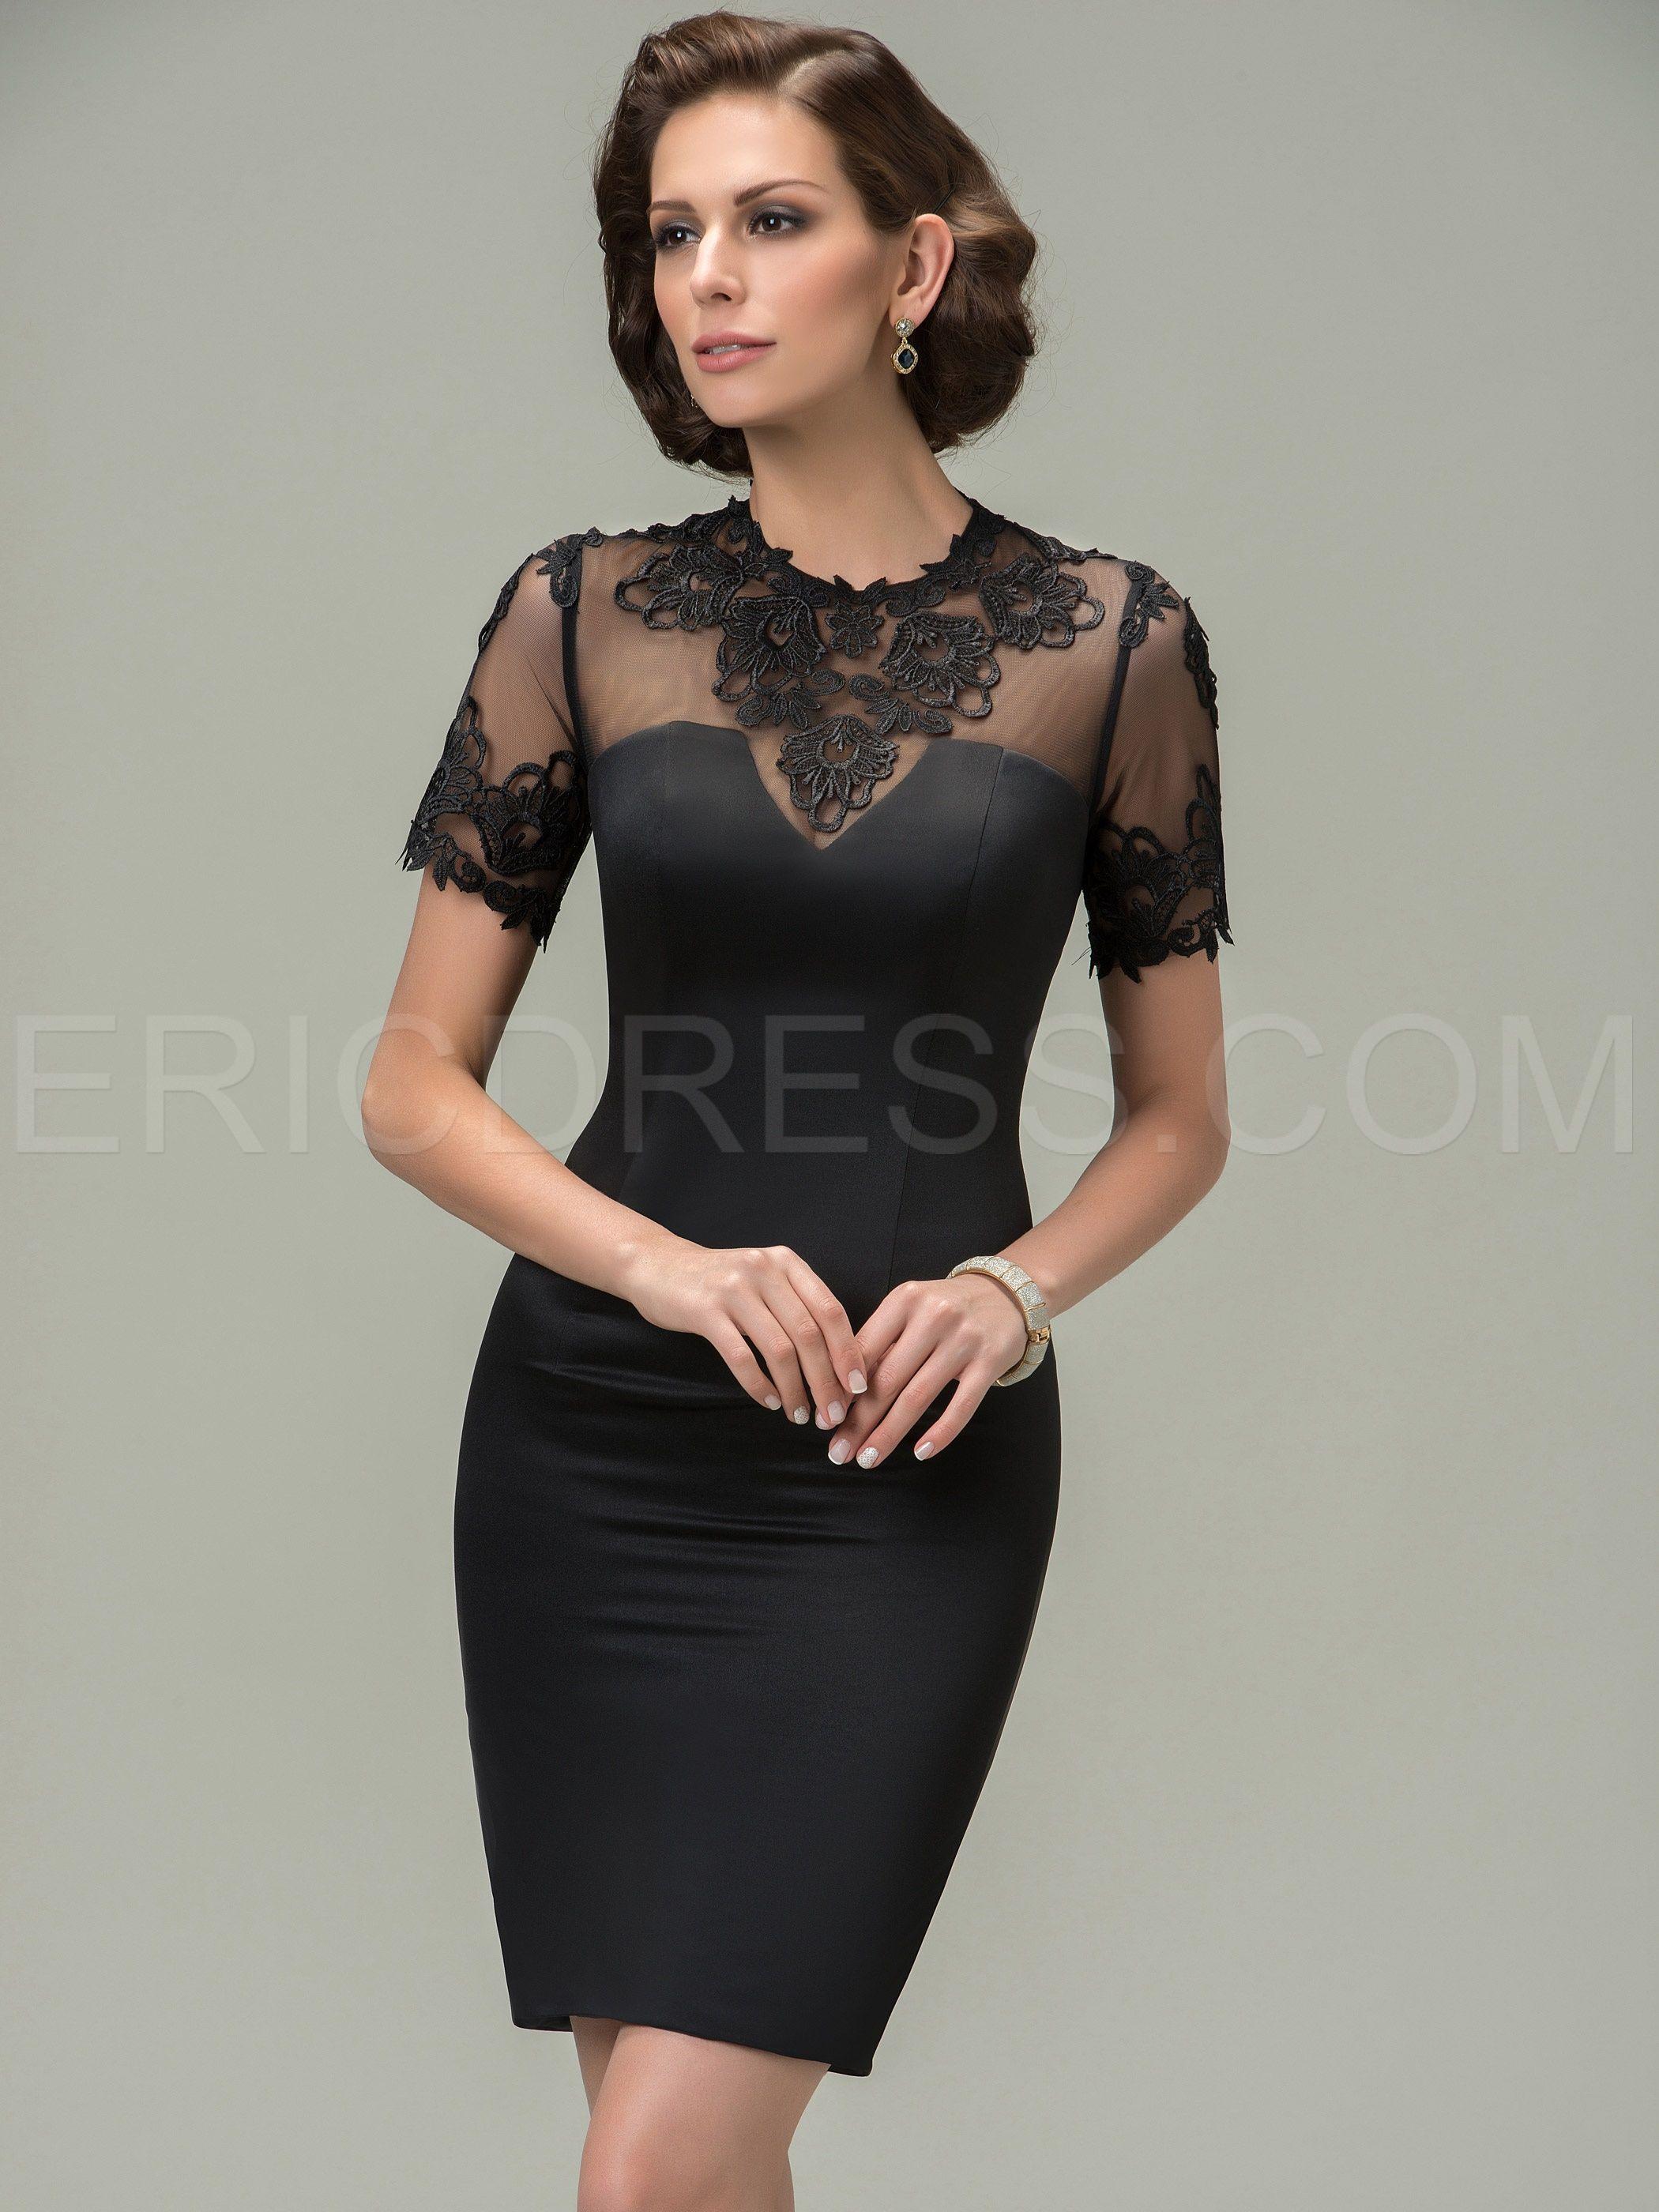 232f6854e5d Jewel Appliques Short Sleeves Mother of the Bride Dress Mother of the Bride  Dresses 2015- ericdress.com 11292069